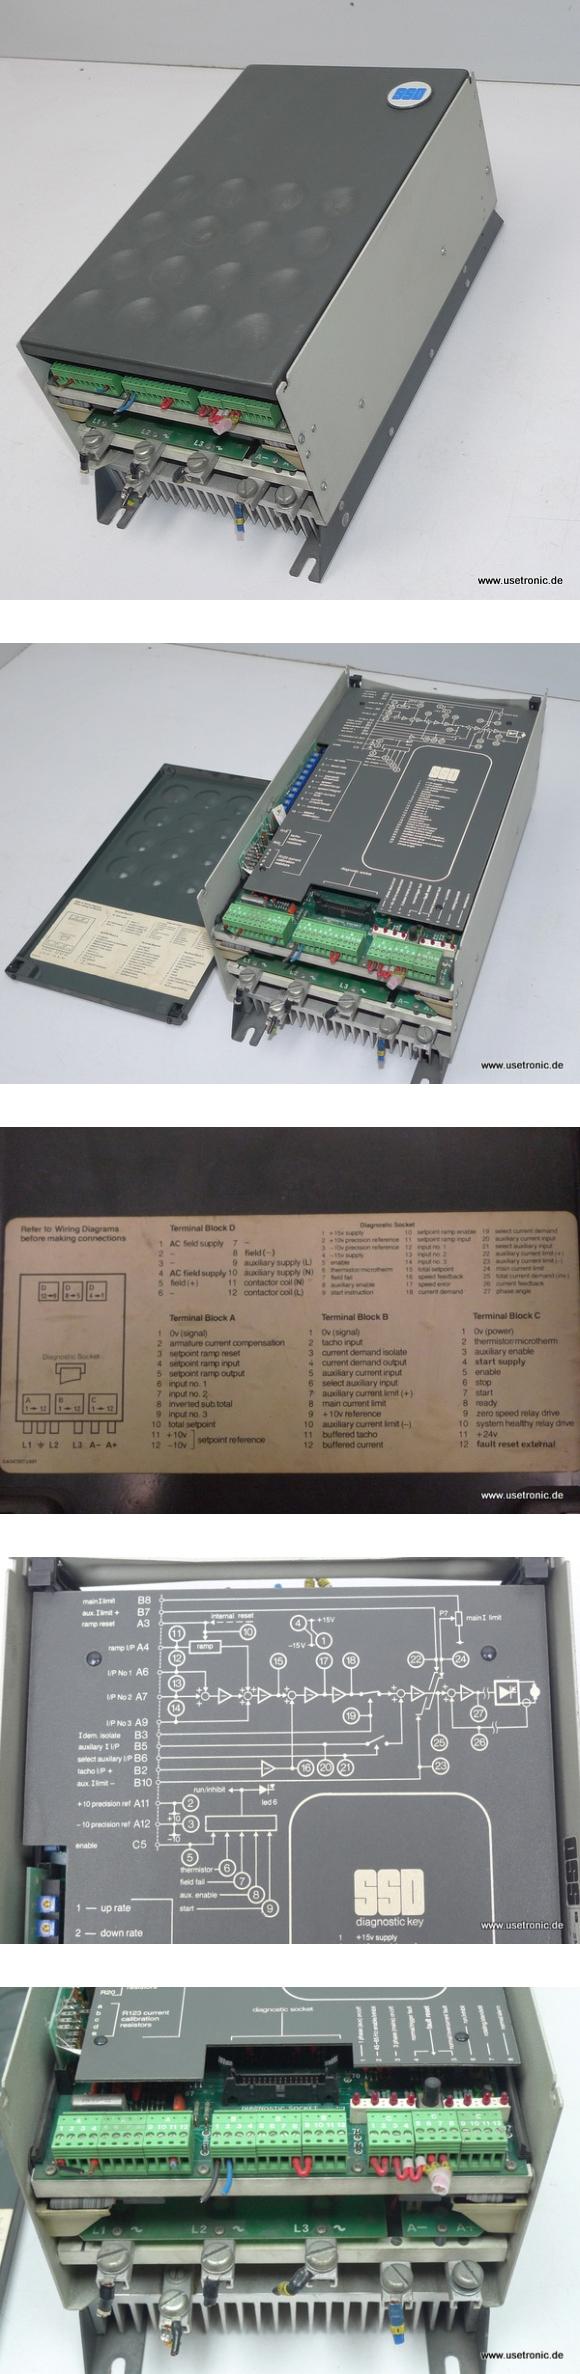 SSD Frequenzumrichter 546-0350-5-2-3-061 380V 35A